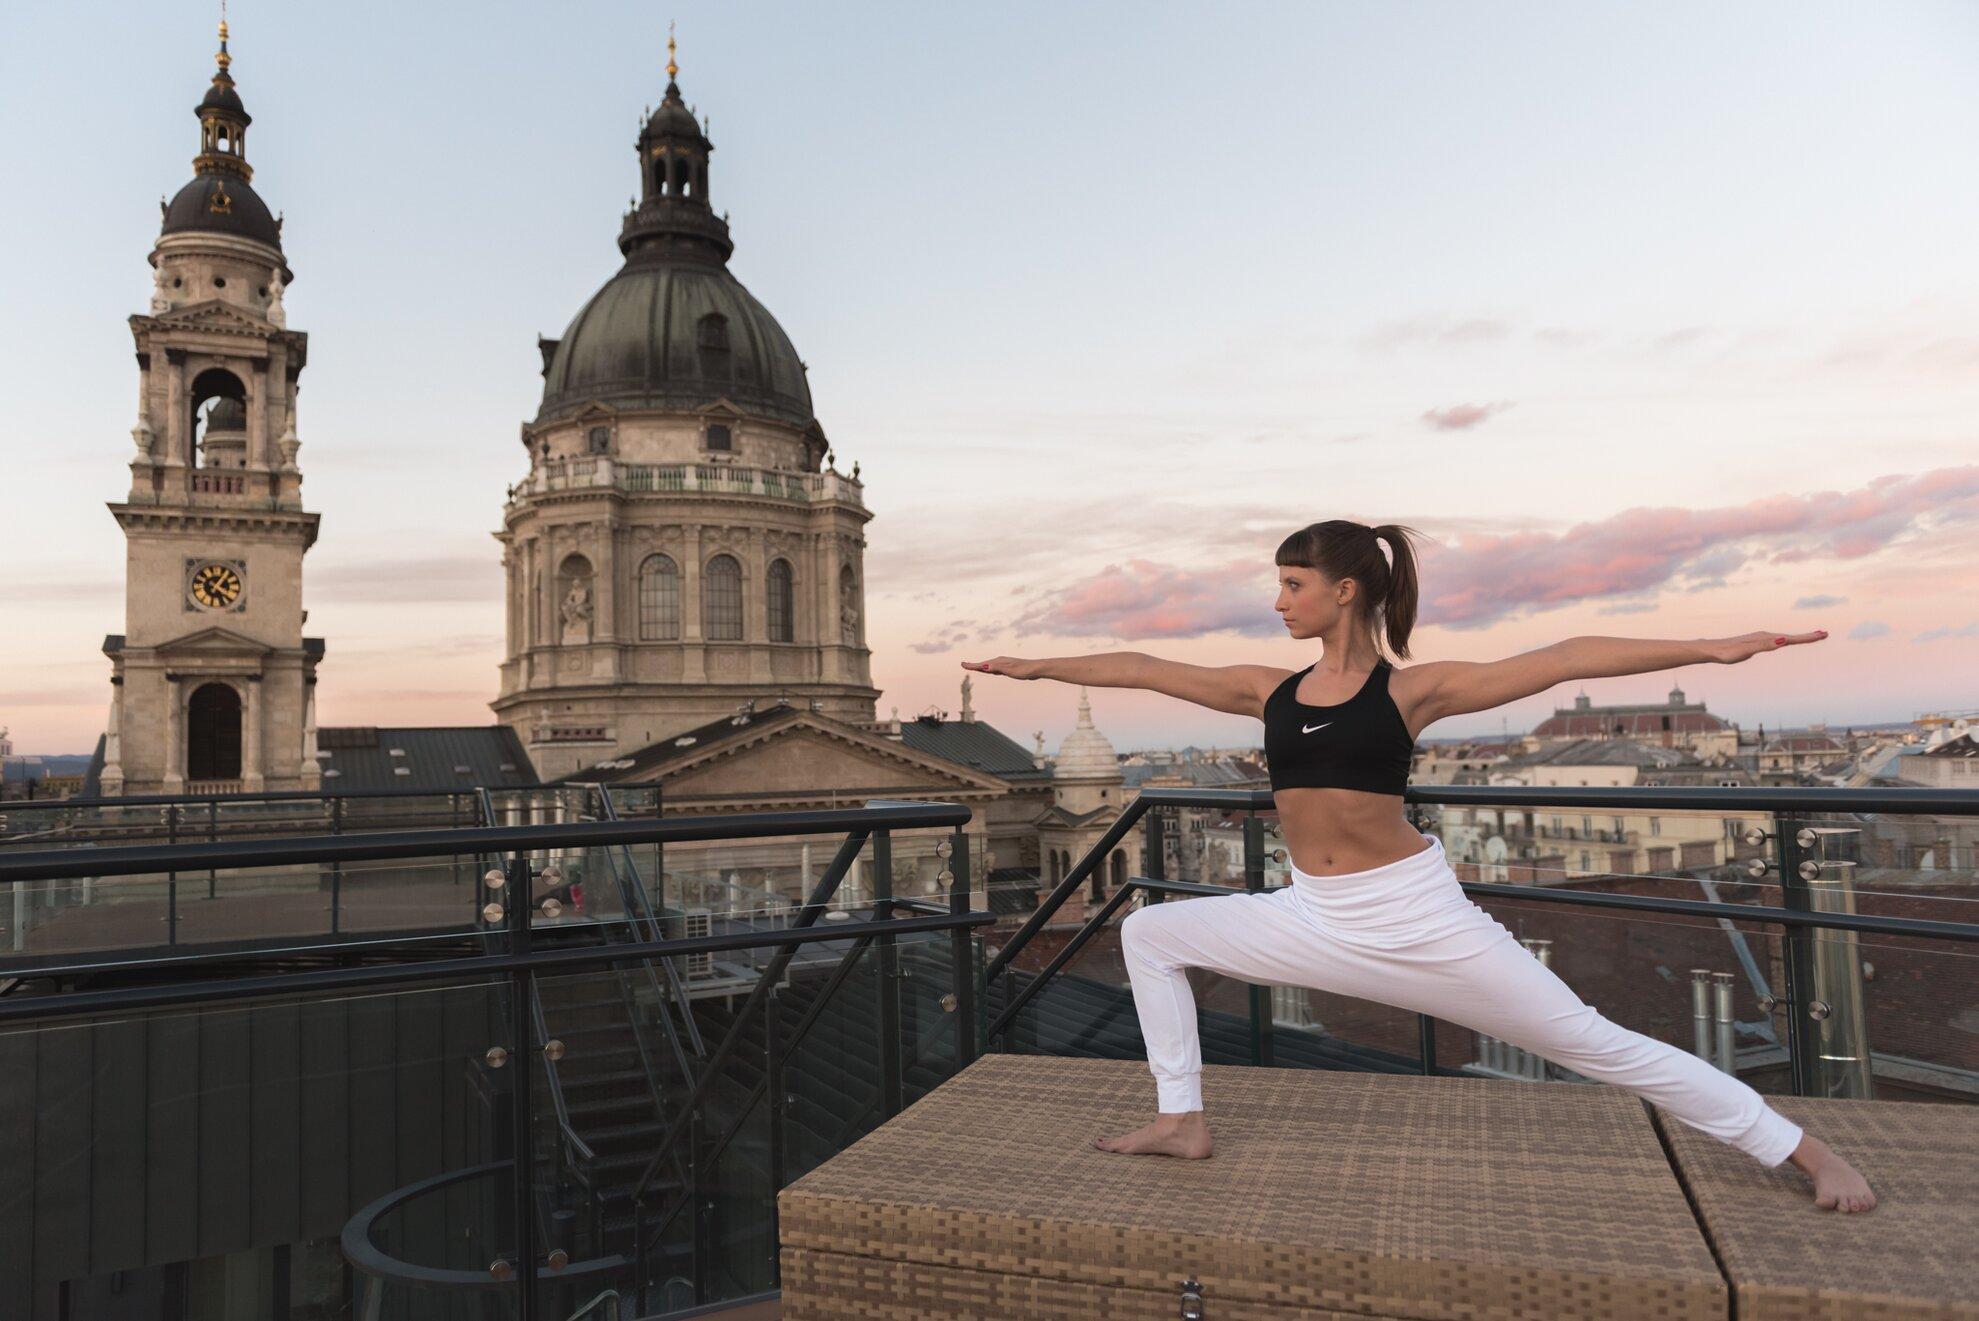 Jógára fel! – 6 szabadtéri jógaóra Budapesten